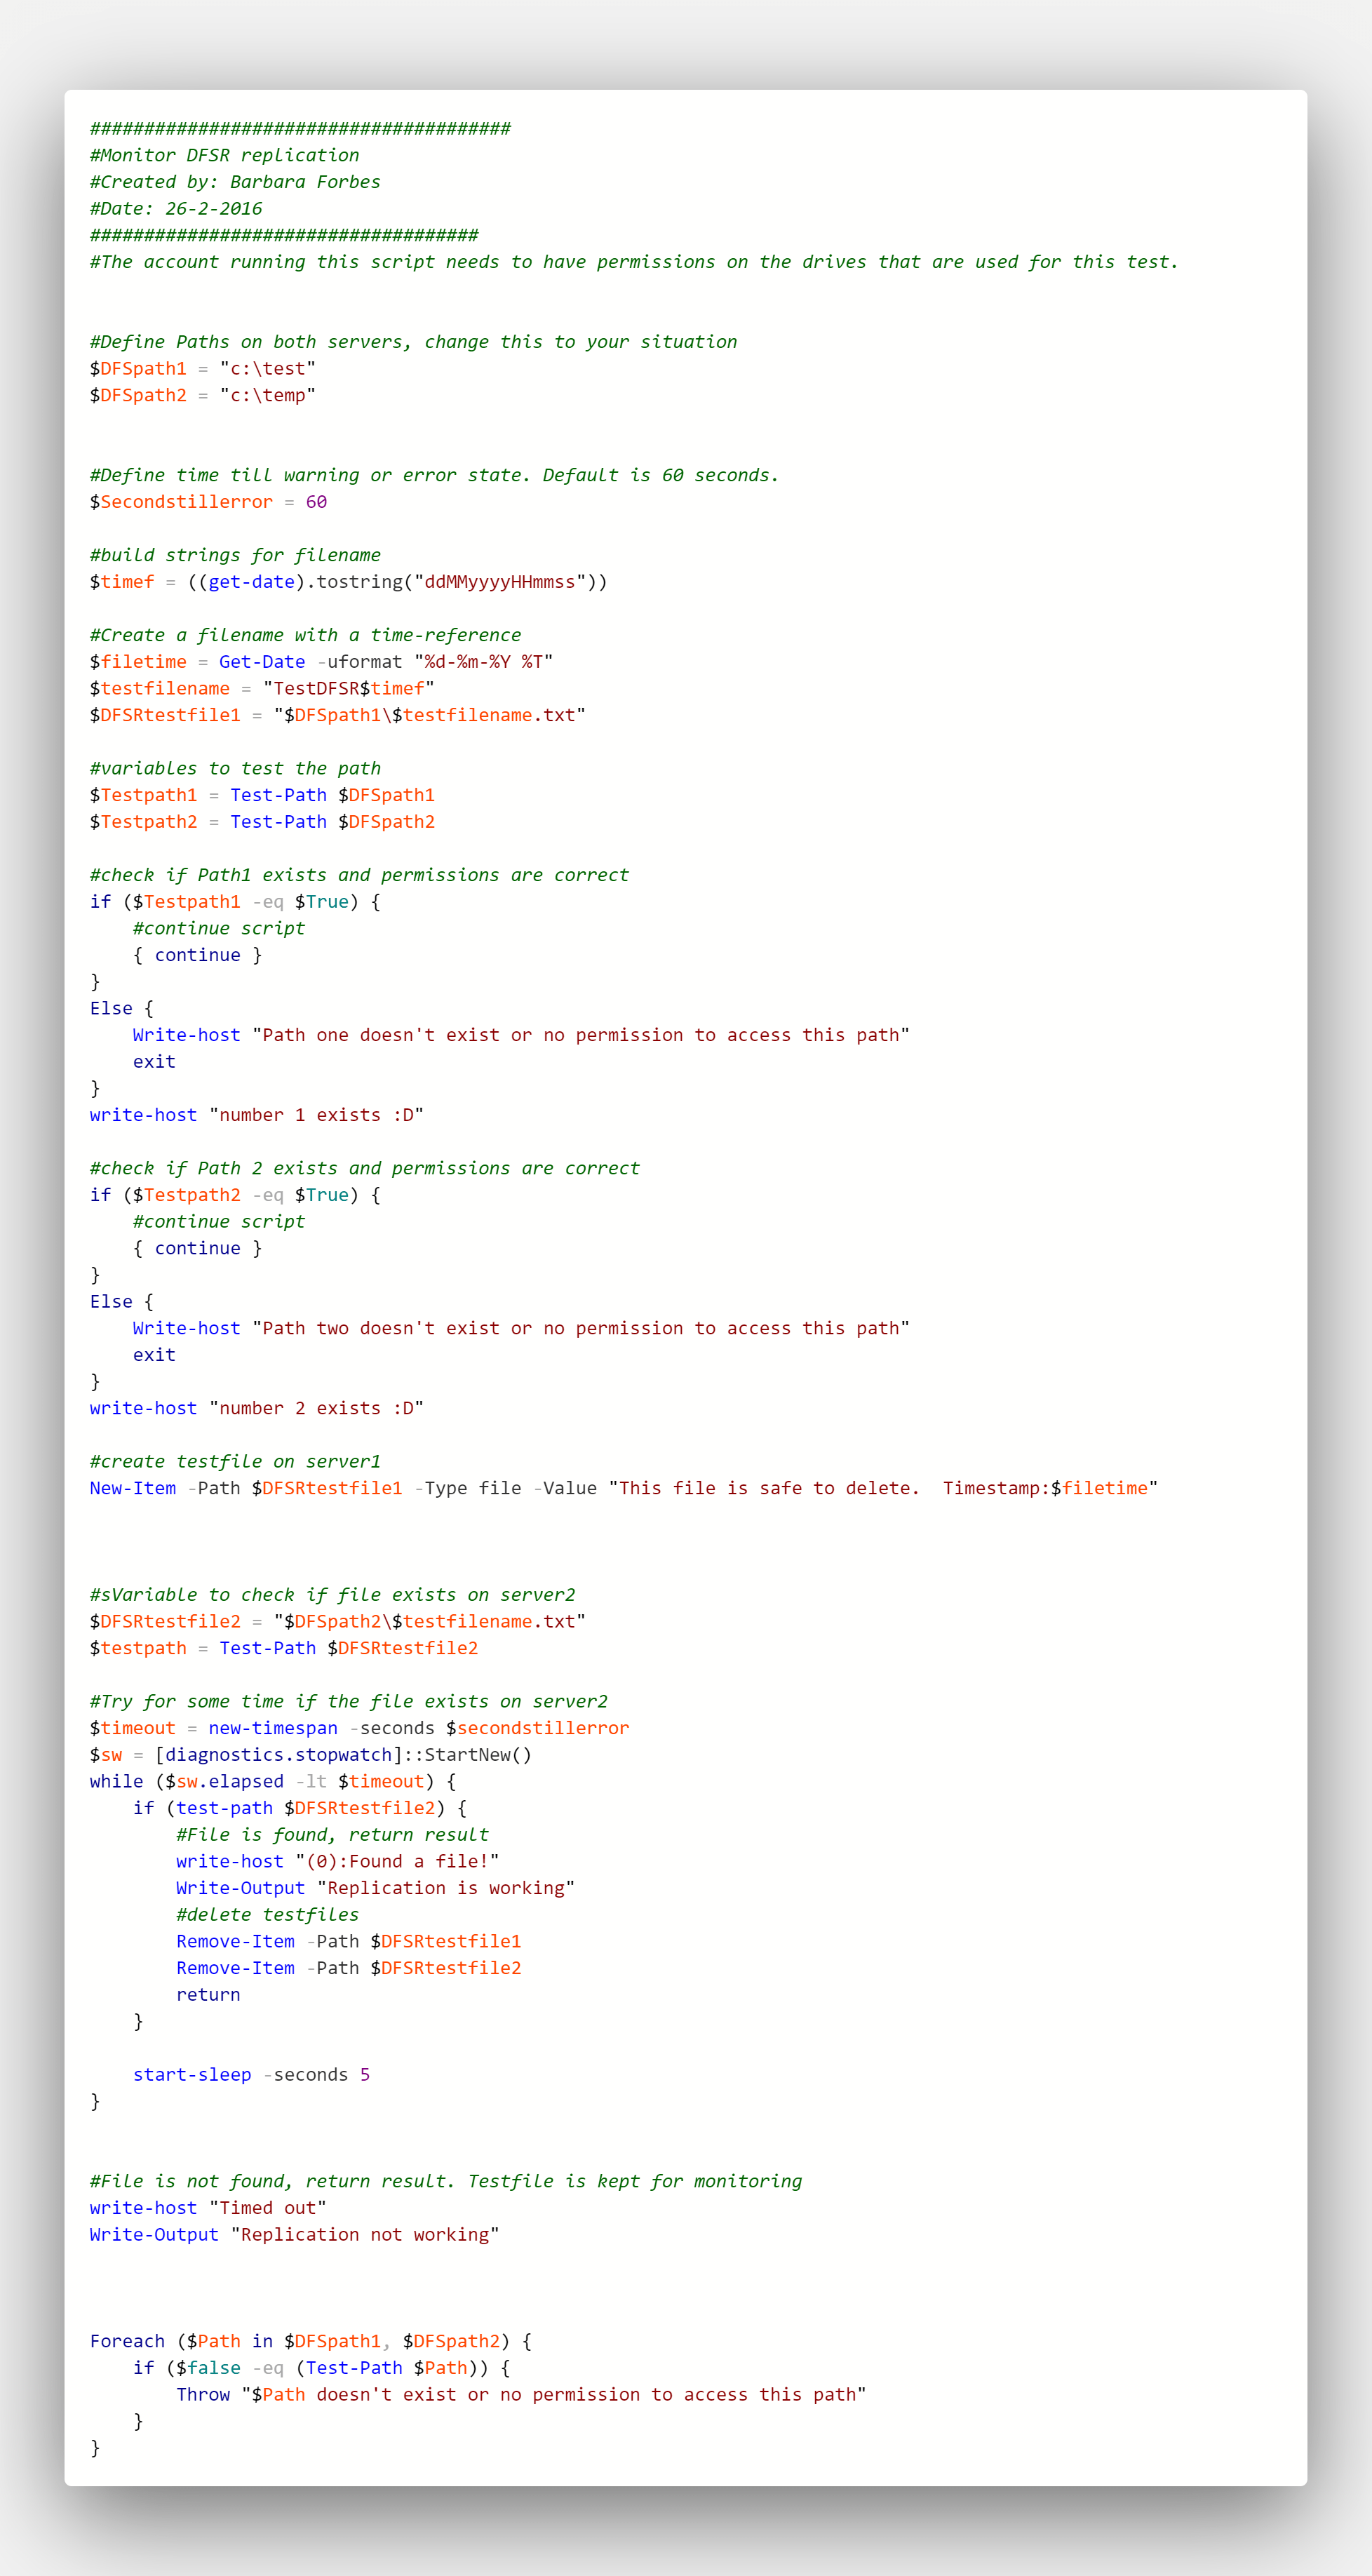 my first PowerShell script